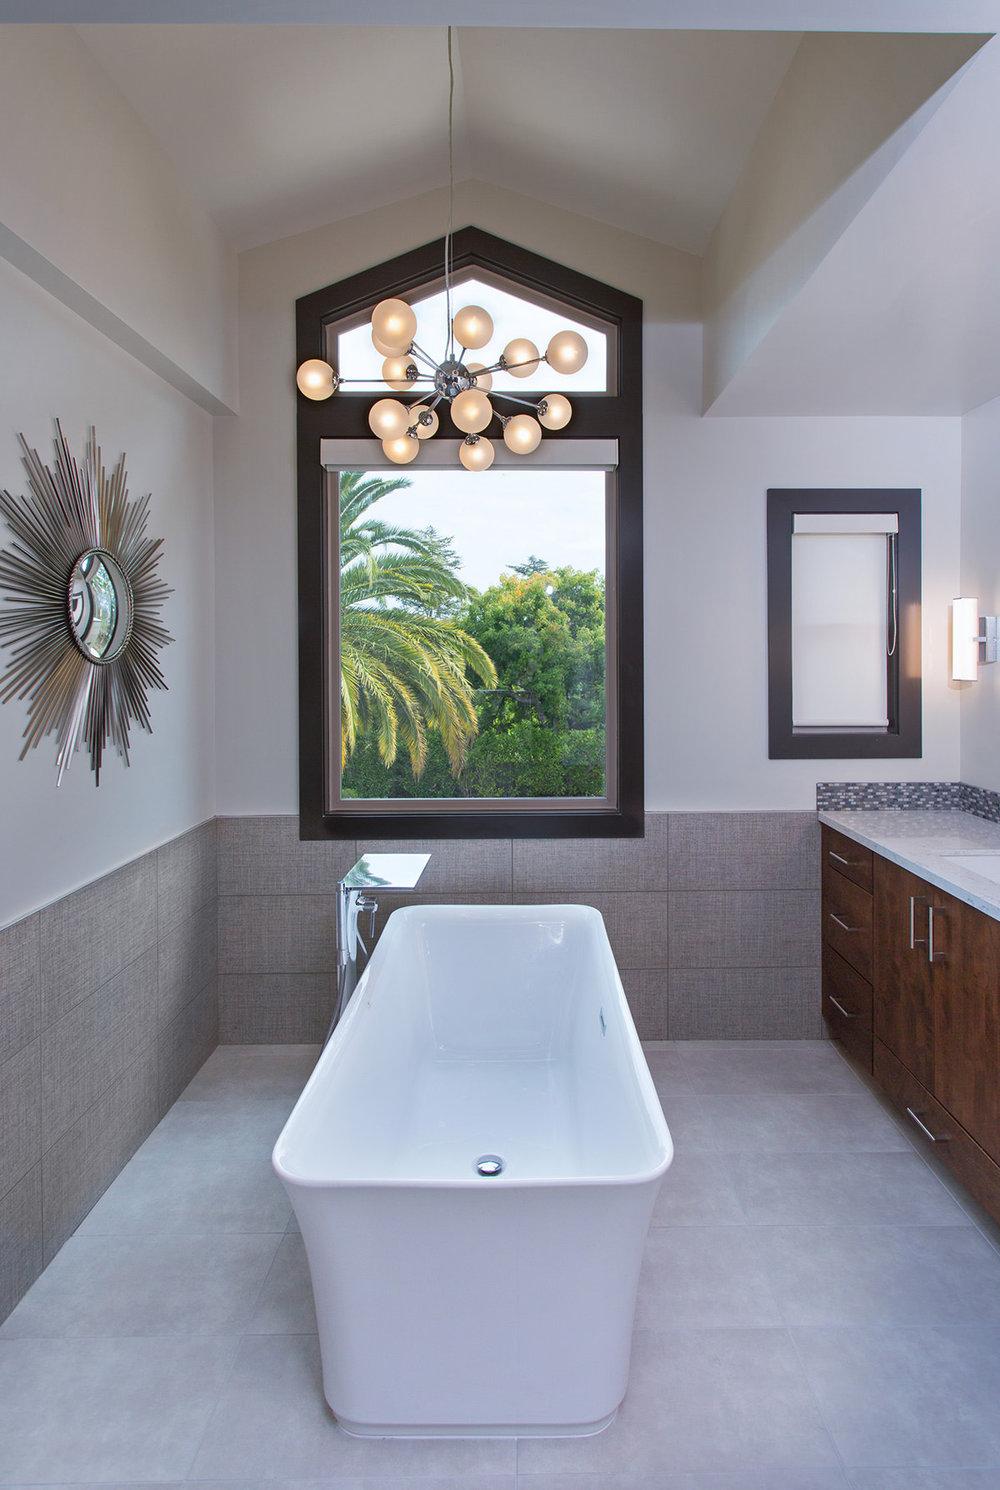 bathroom-interior-design-los-altos-california-ktj-design-co-13.jpg